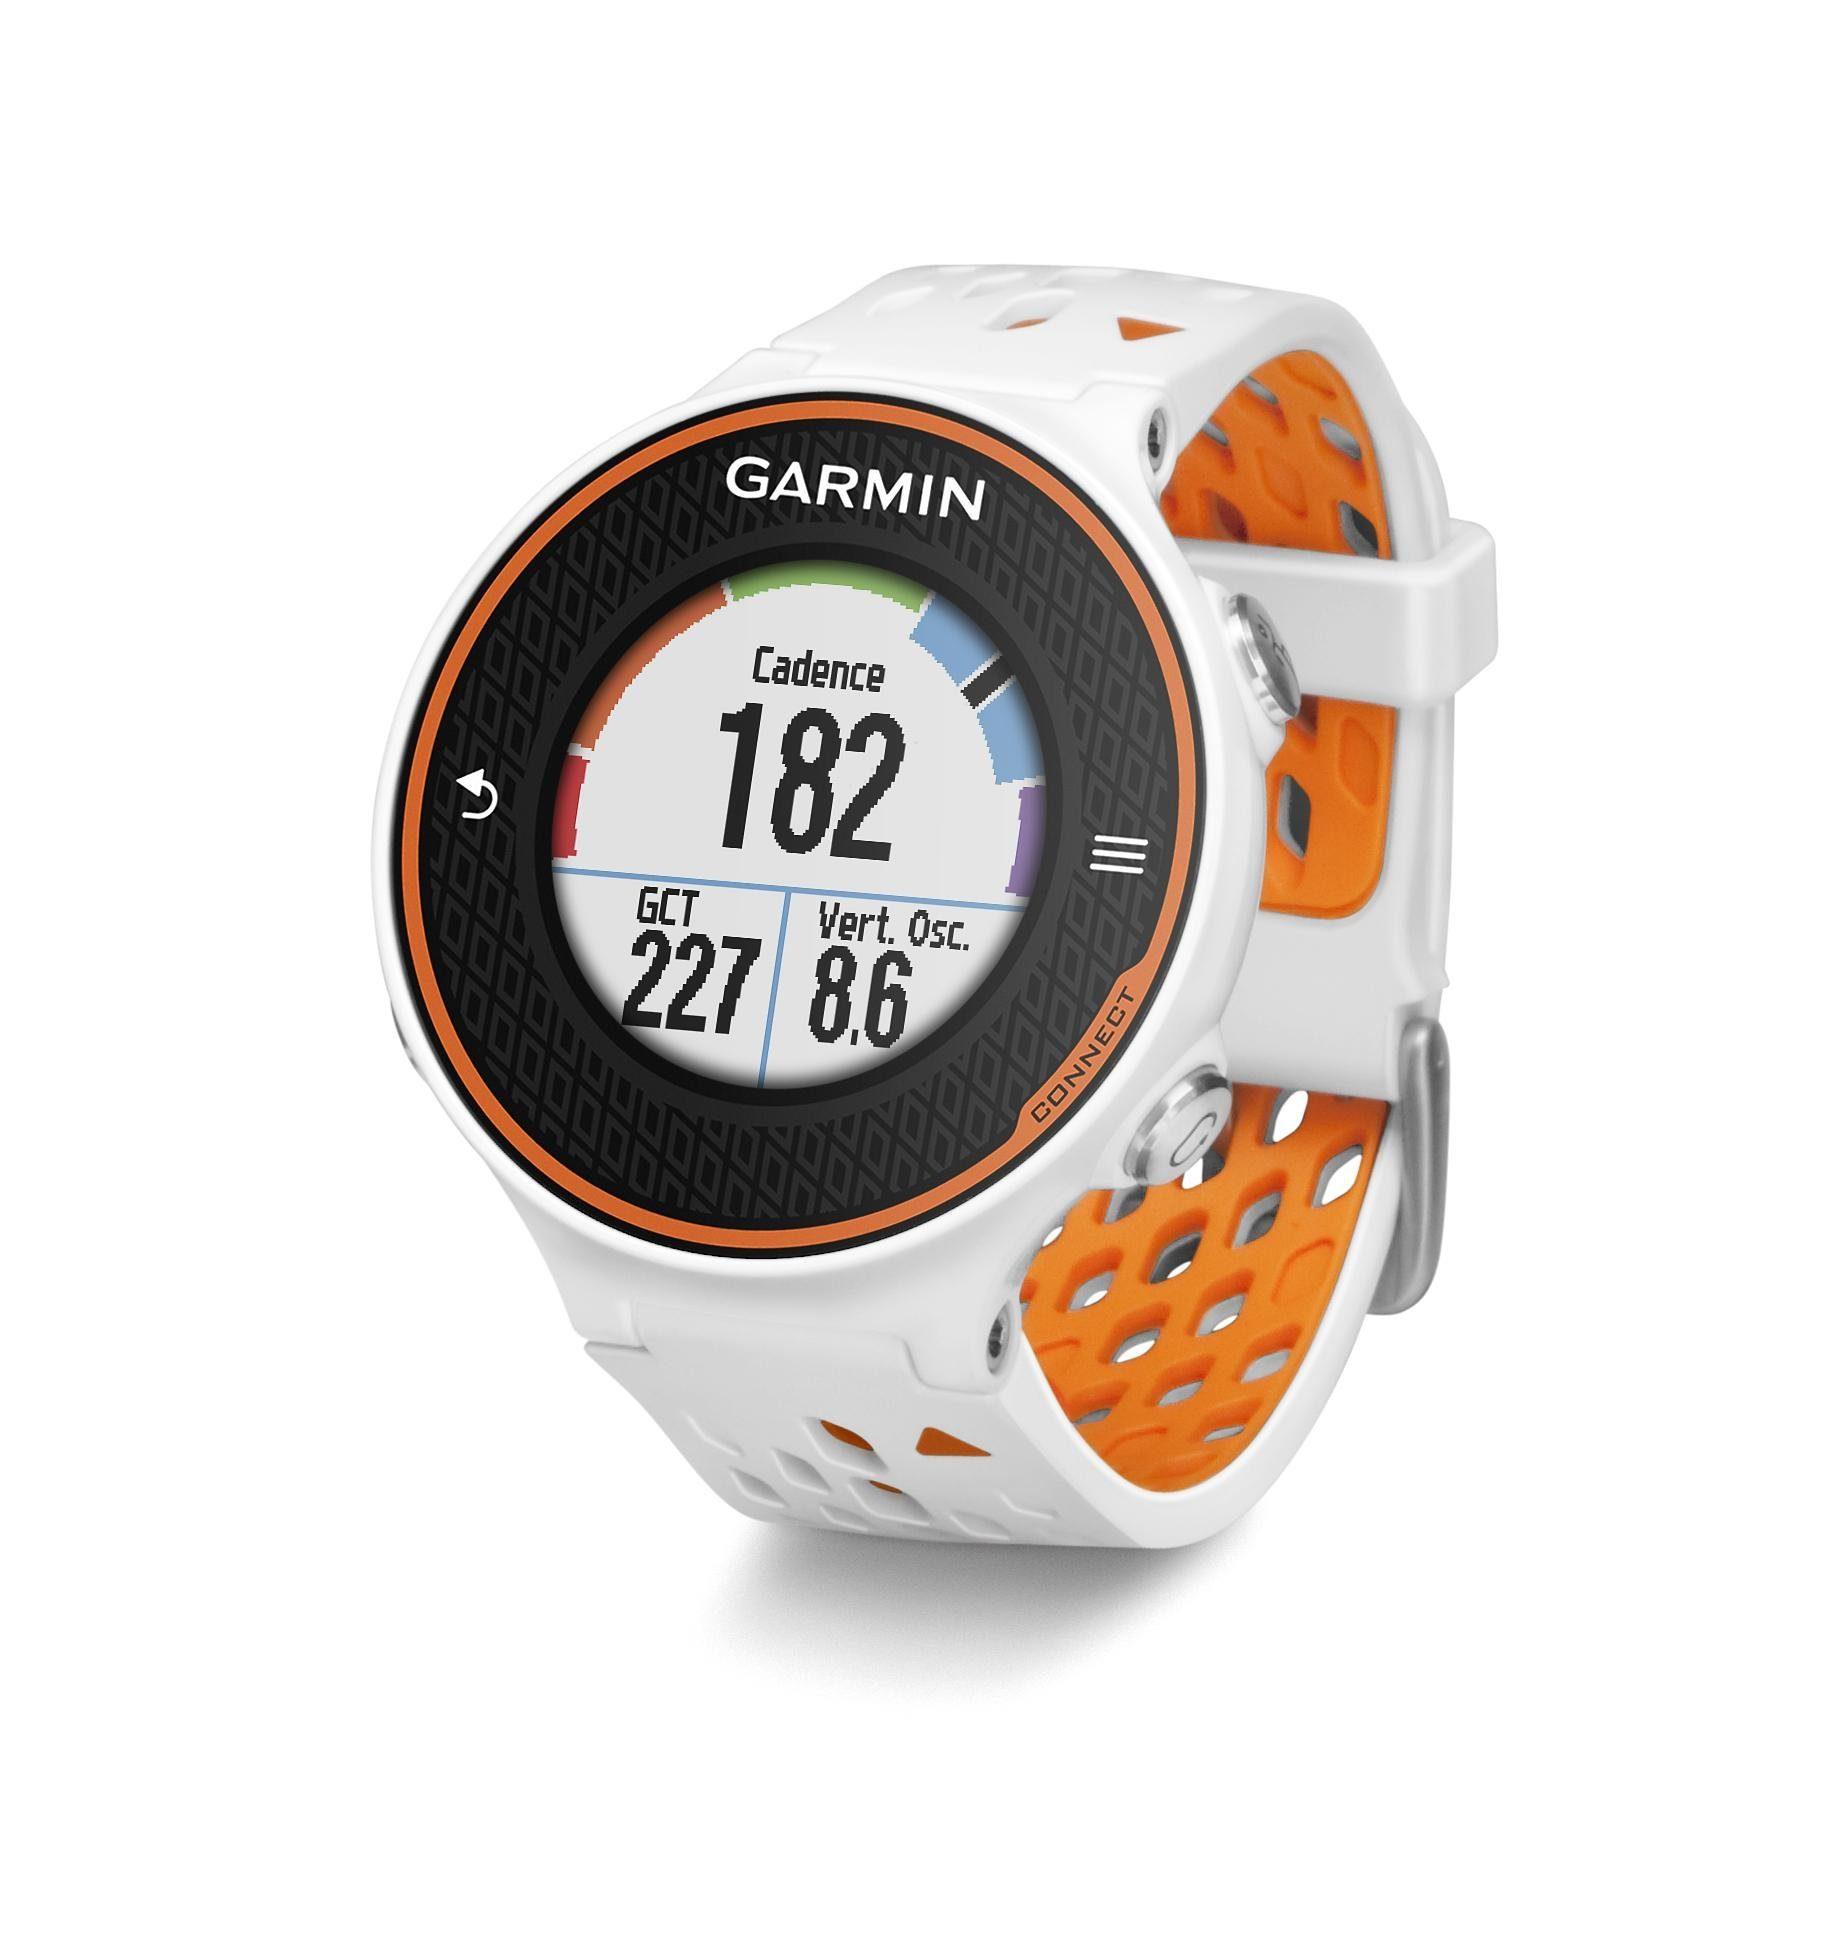 Garmin Sportuhr »Forerunner 620 white/orange«